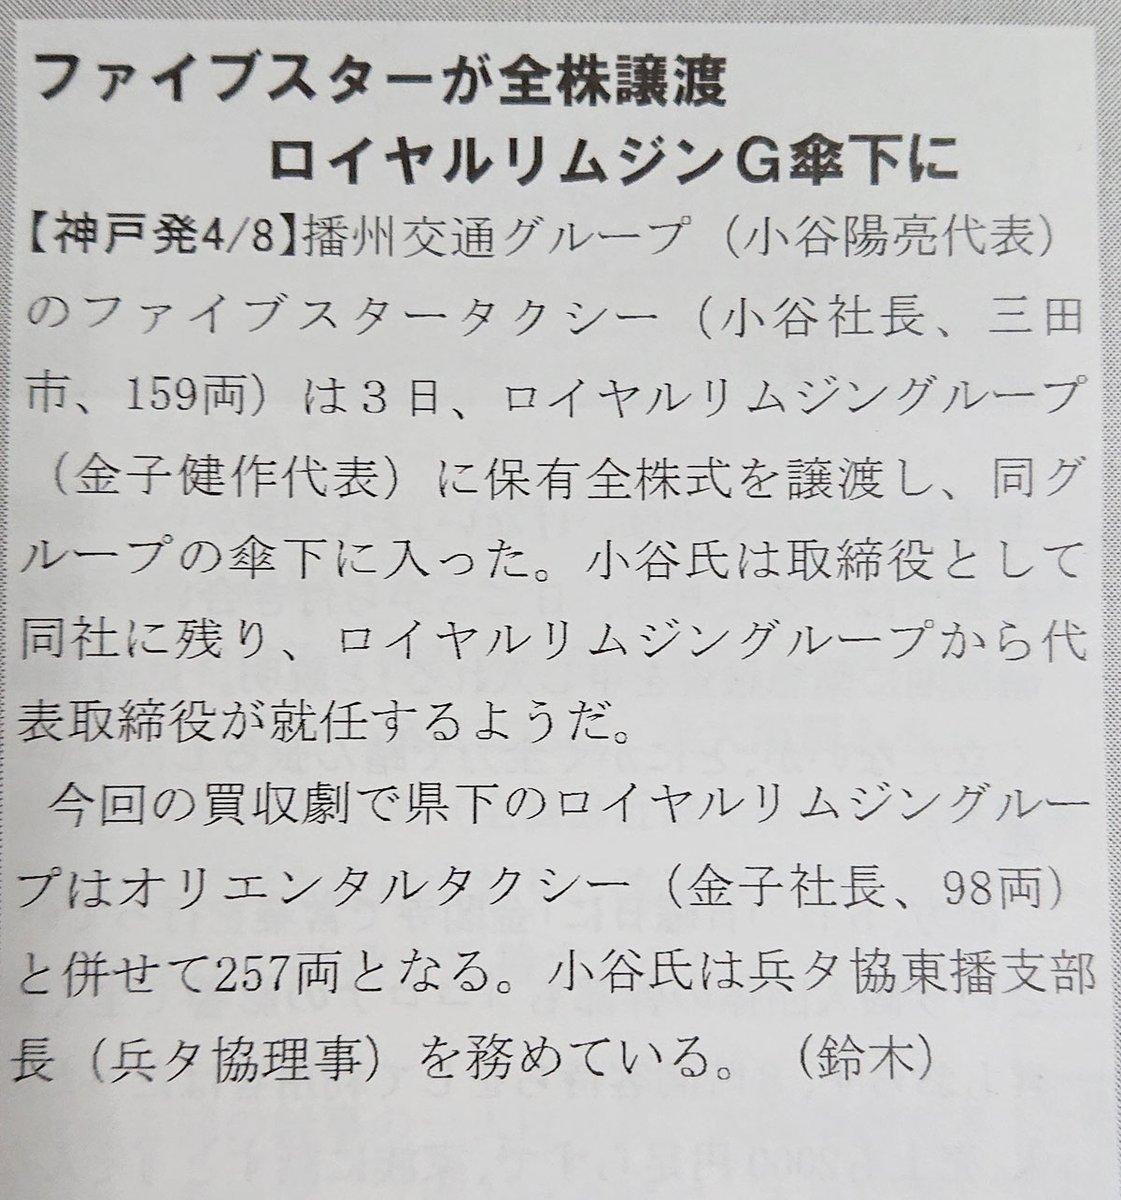 ロイヤル リムジン グループ